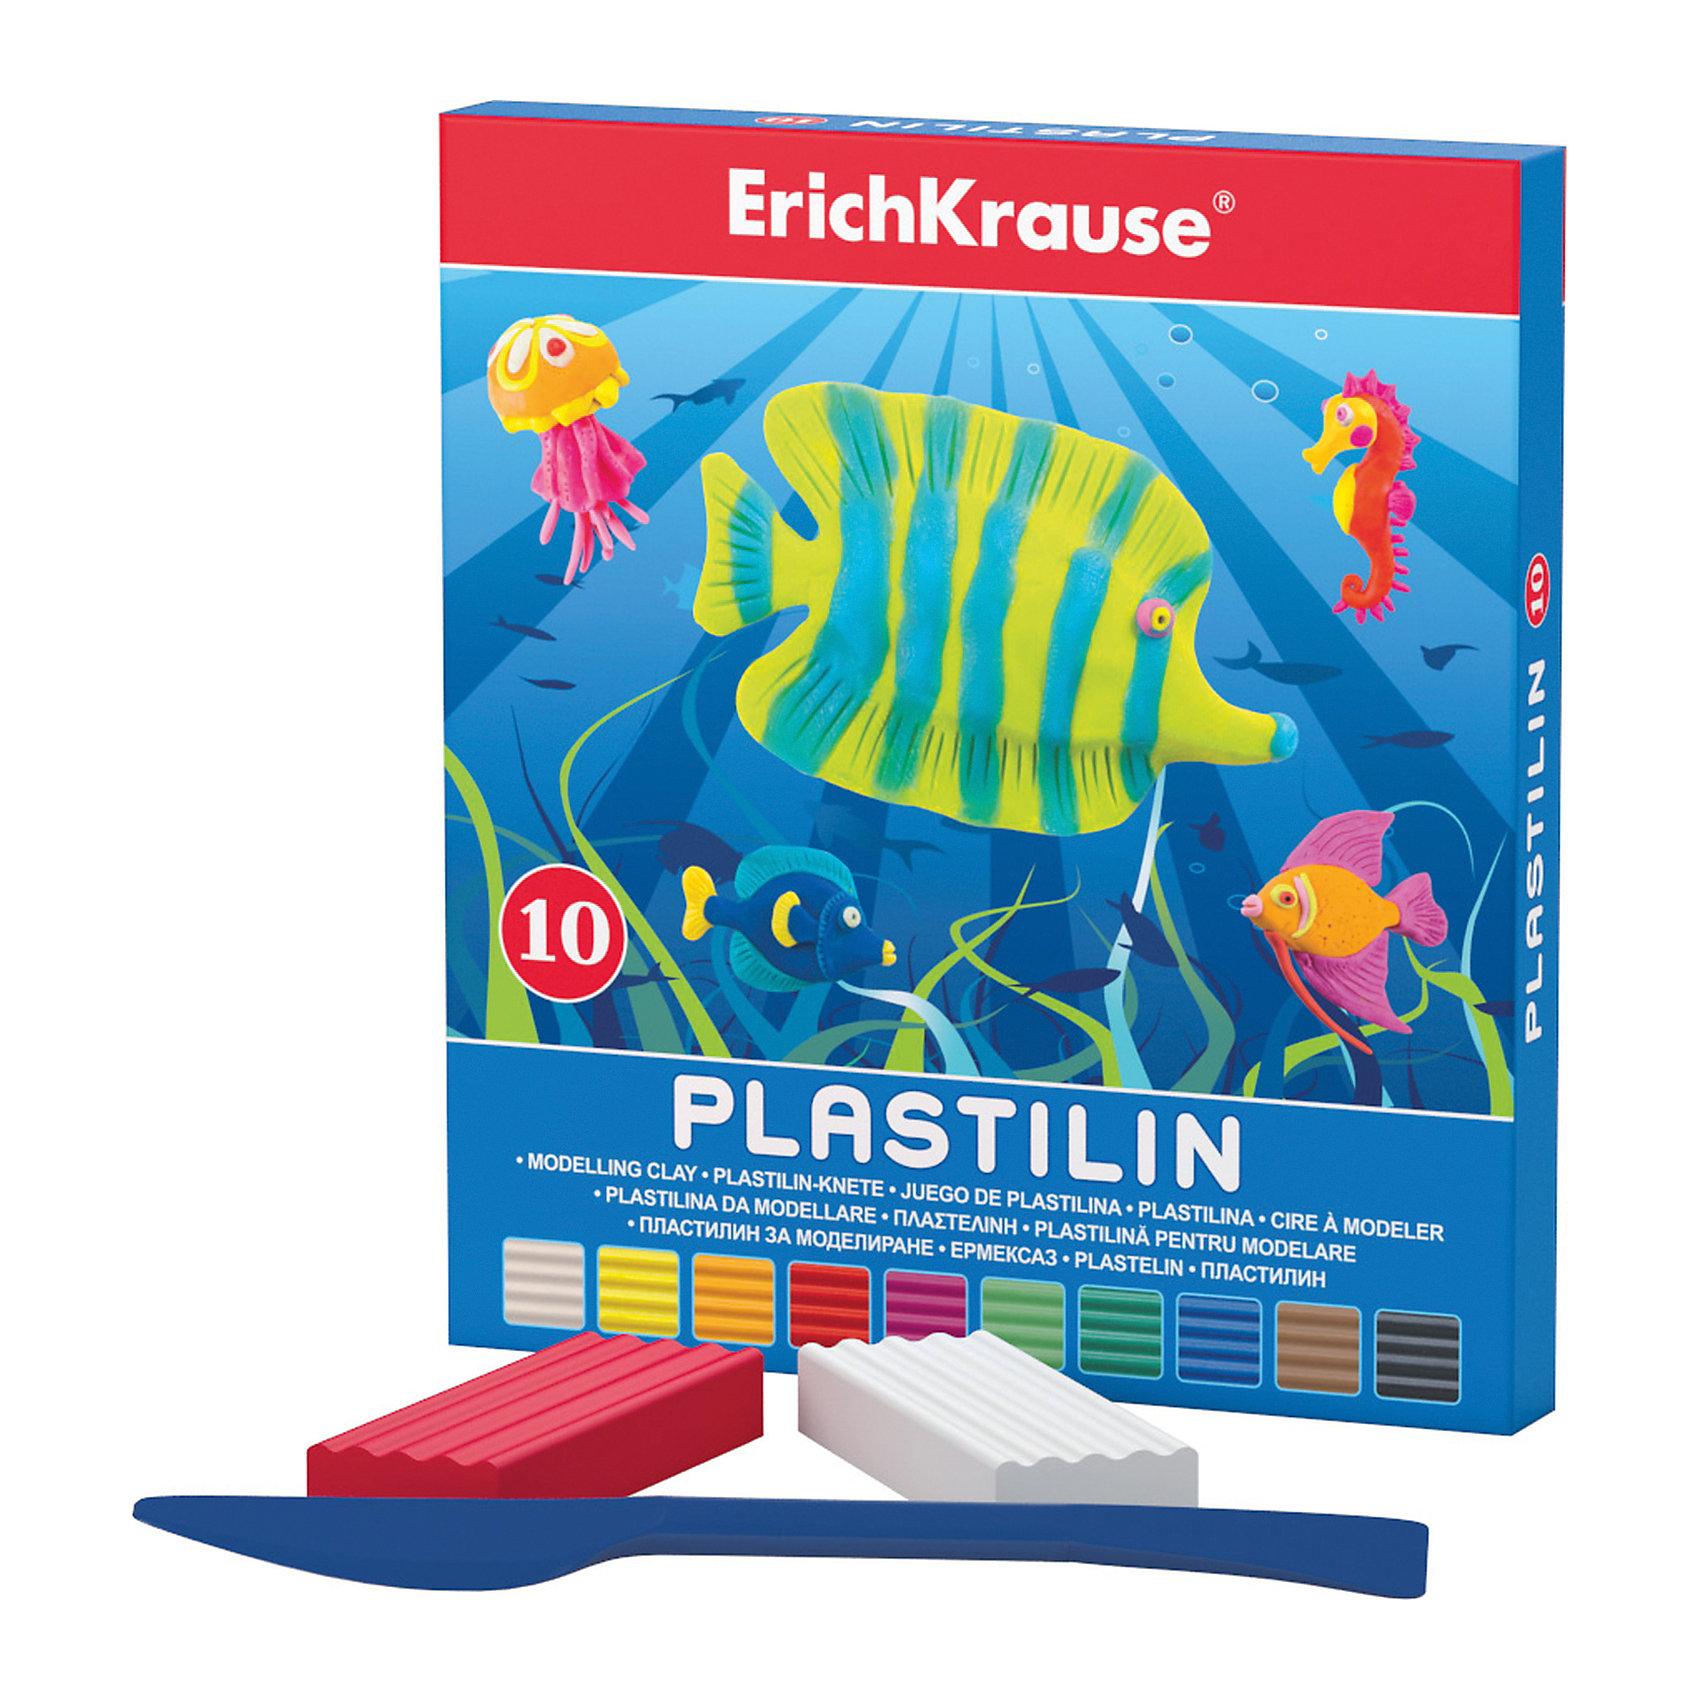 Пластилин 10 цветов, 180г, со стекомЛепка<br>Пластилин 10 цветов, 180г, со стеком<br><br>Характеристики:<br><br>• В набор входит: 10 брусочков пластилина, лопаточка-стек<br>• Размер упаковки: 14,5 * 1,6 * 13 см.<br>• Вес: 213 г.<br>• Для детей в возрасте: от 3-х лет<br>• Страна производитель: Китай<br><br>Десять ярких цветных брусочков пластилина изготовлены из безопасных для детей материалов и уже готовы к лепке. В набор входит лопаточка для пластилина, с ней вы сможете разрезать пластилин, делать его плоским или рифленым. Насыщенные цвета пластилина почти не оставляют следов на руках и могут перемешиваться между собой. Поделки из разных цветов отлично прикрепляются друг к другу. Работая с пластилином вы можете делать объемные фигурки, а также можете наносить пластилин на бумагу, картон или даже стекло, чтобы выполнять новые картины или даже фрески. <br><br>В набор входят основные десять цветов, которые помогут создать настоящие шедевры. Занимаясь лепкой дети развивают моторику рук, творческие способности, восприятие цветов и их сочетаний, а также лепка благотворно влияет на развитие речи, координацию движений, память и логическое мышление. Лепка всей семьей поможет весело и пользой провести время!<br><br>Пластилин 10 цветов, 180г, со стеком можно купить в нашем интернет-магазине<br><br>Ширина мм: 133<br>Глубина мм: 145<br>Высота мм: 16<br>Вес г: 213<br>Возраст от месяцев: 60<br>Возраст до месяцев: 216<br>Пол: Унисекс<br>Возраст: Детский<br>SKU: 5409292